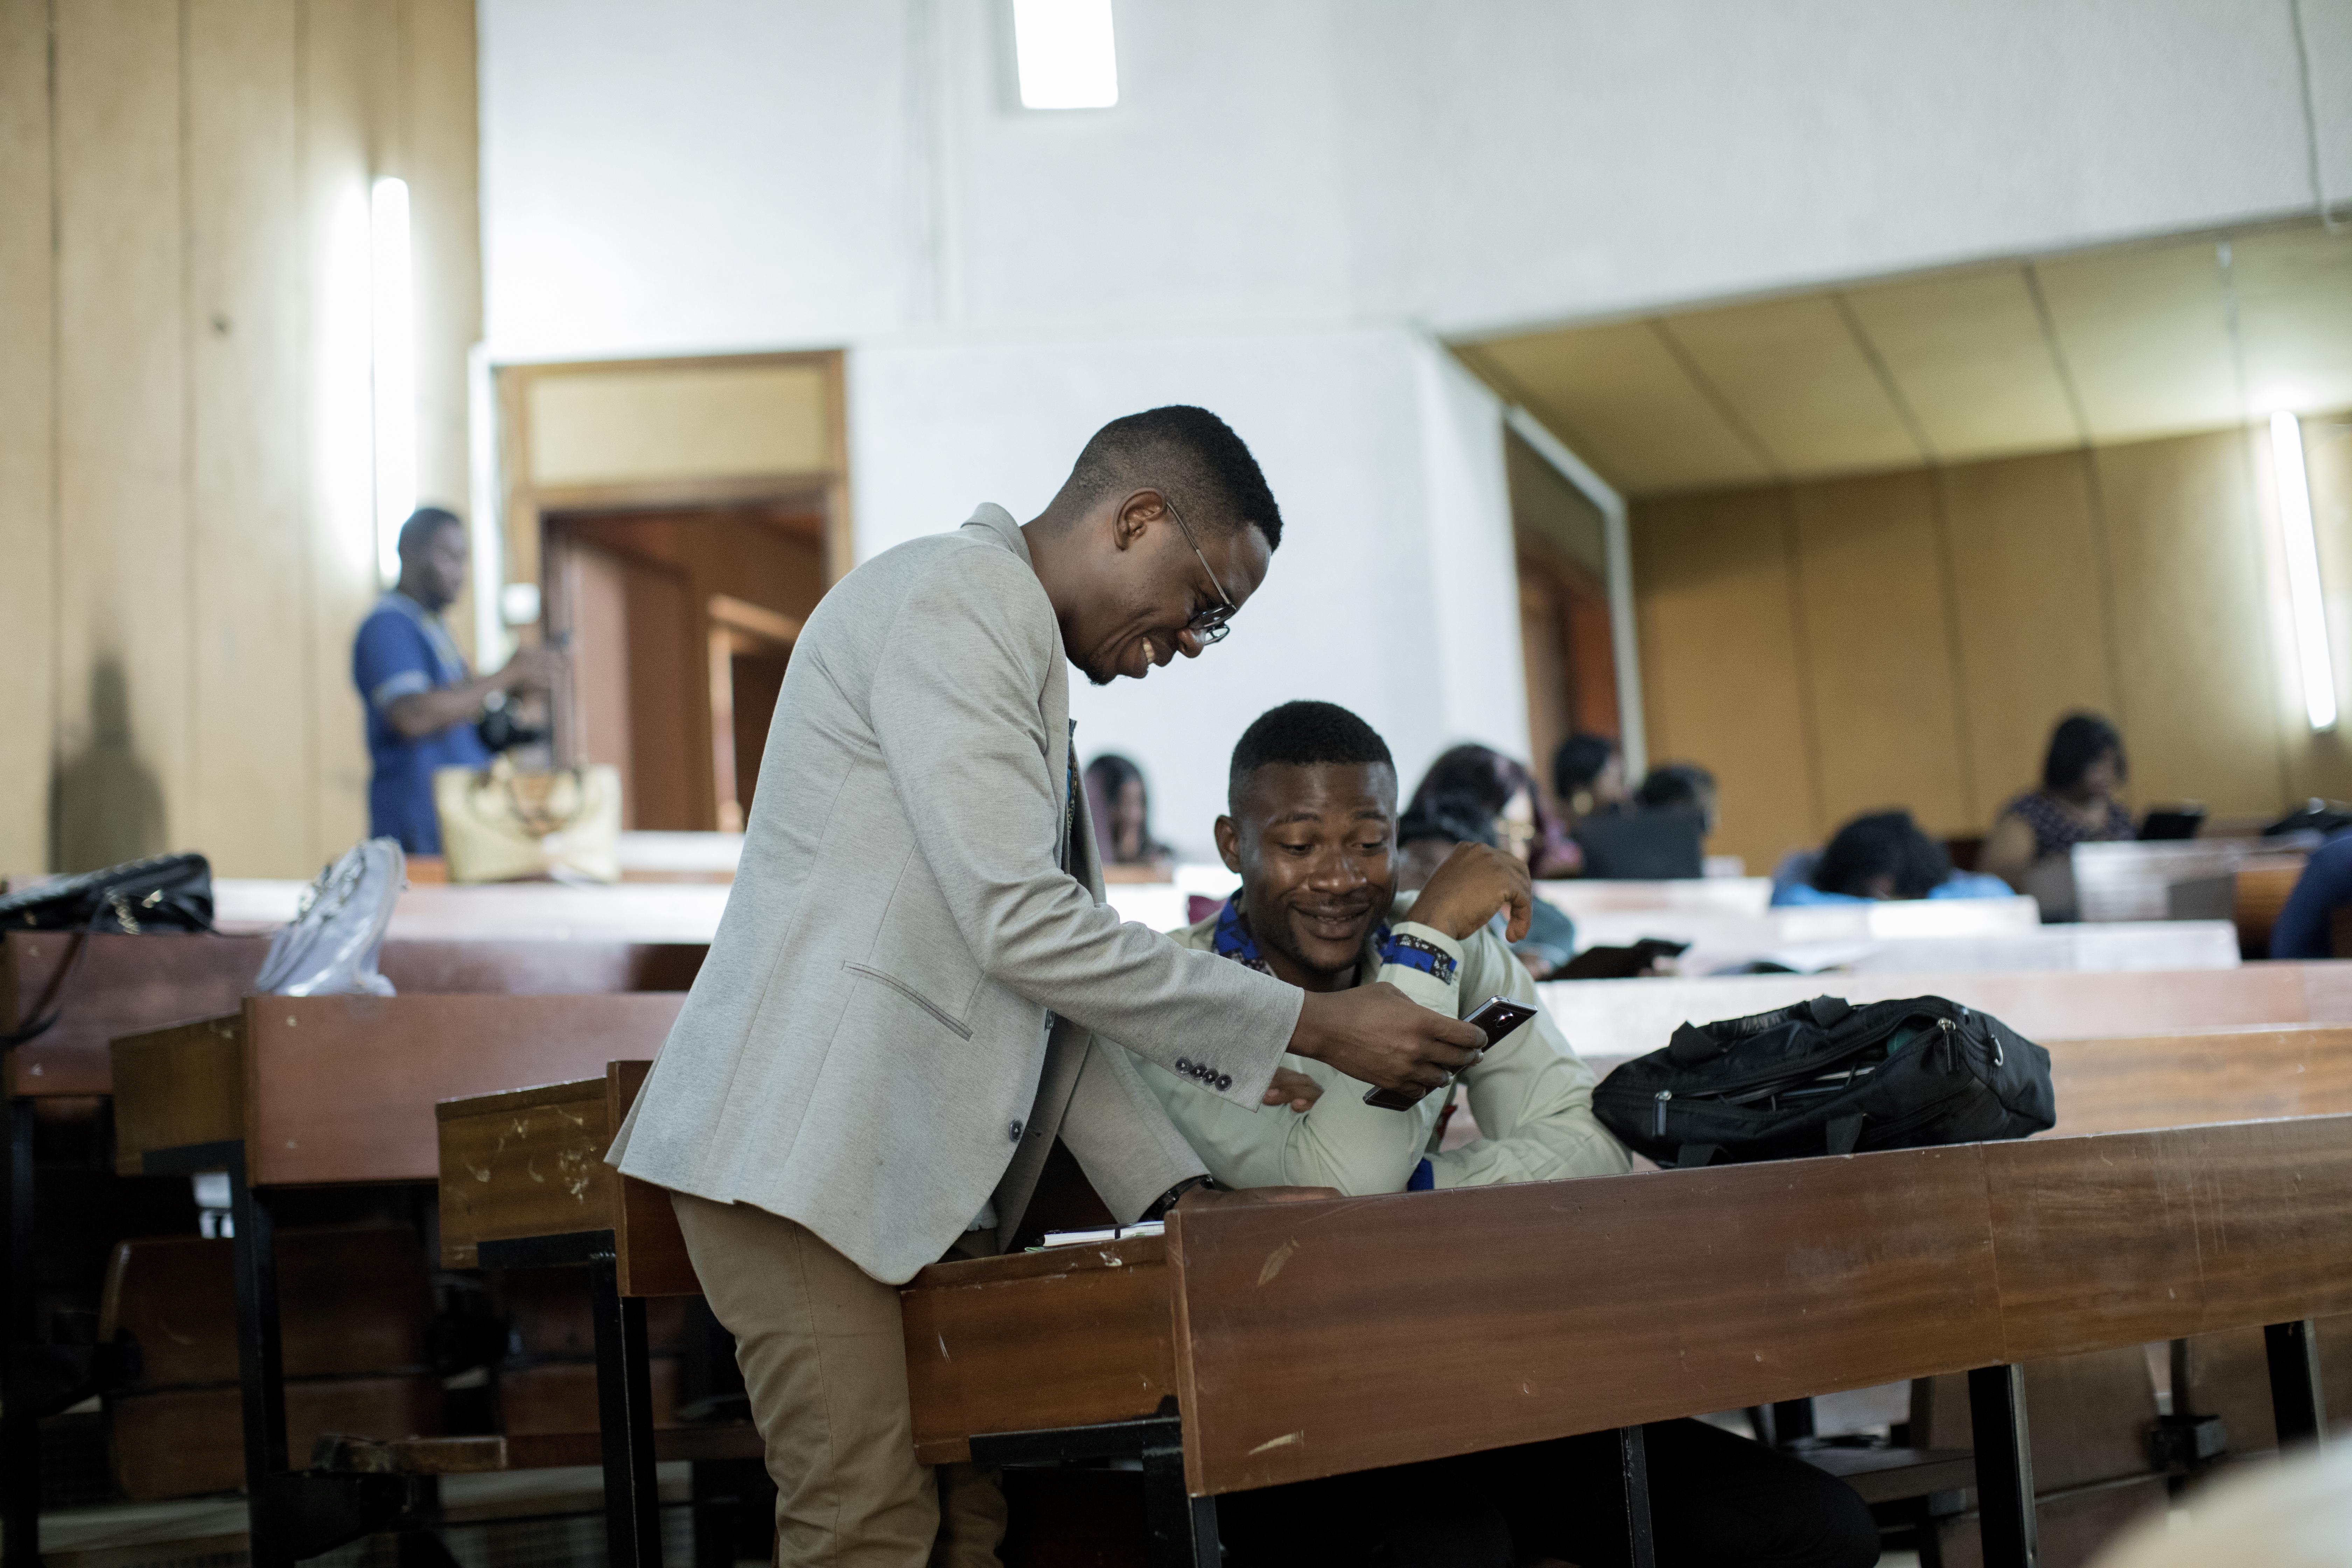 Serge travaille chez Affirmative Action, une ONG qui s'emploie à sensibiliser les communautés LGBTQ au VIH. Joseph Messinga, responsable des communications chez Affirmative Action discute de l'horaire de la journée avec Serge au lendemain d'une conférence où ce dernier était l'un des panélistes conversant des problèmes auxquels sont confrontées les communautés LGBTQ au Cameroun.